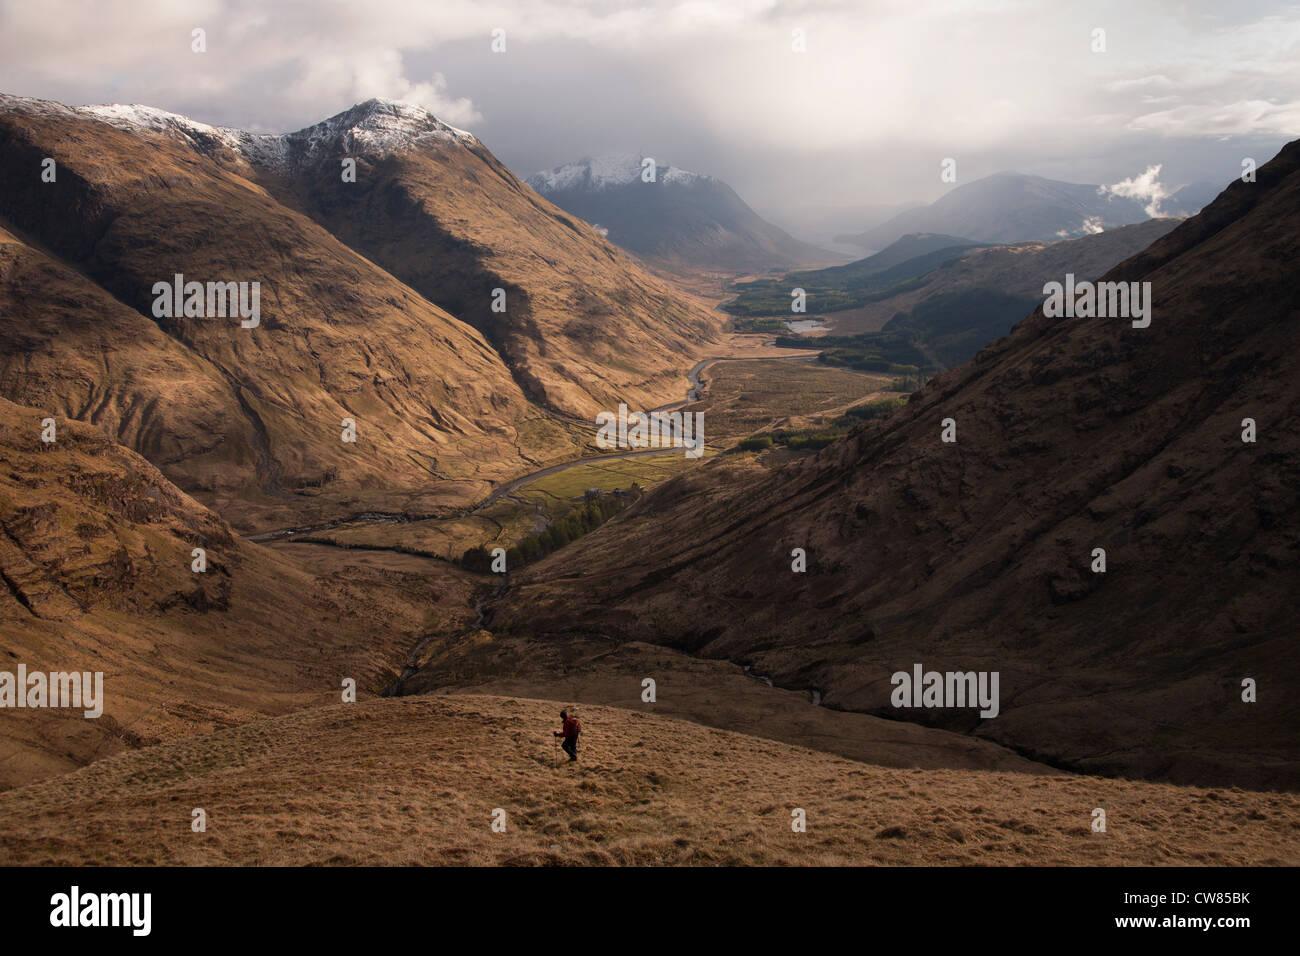 Walker descending into Glen Etive from Buachaille Etive Beag - Stock Image